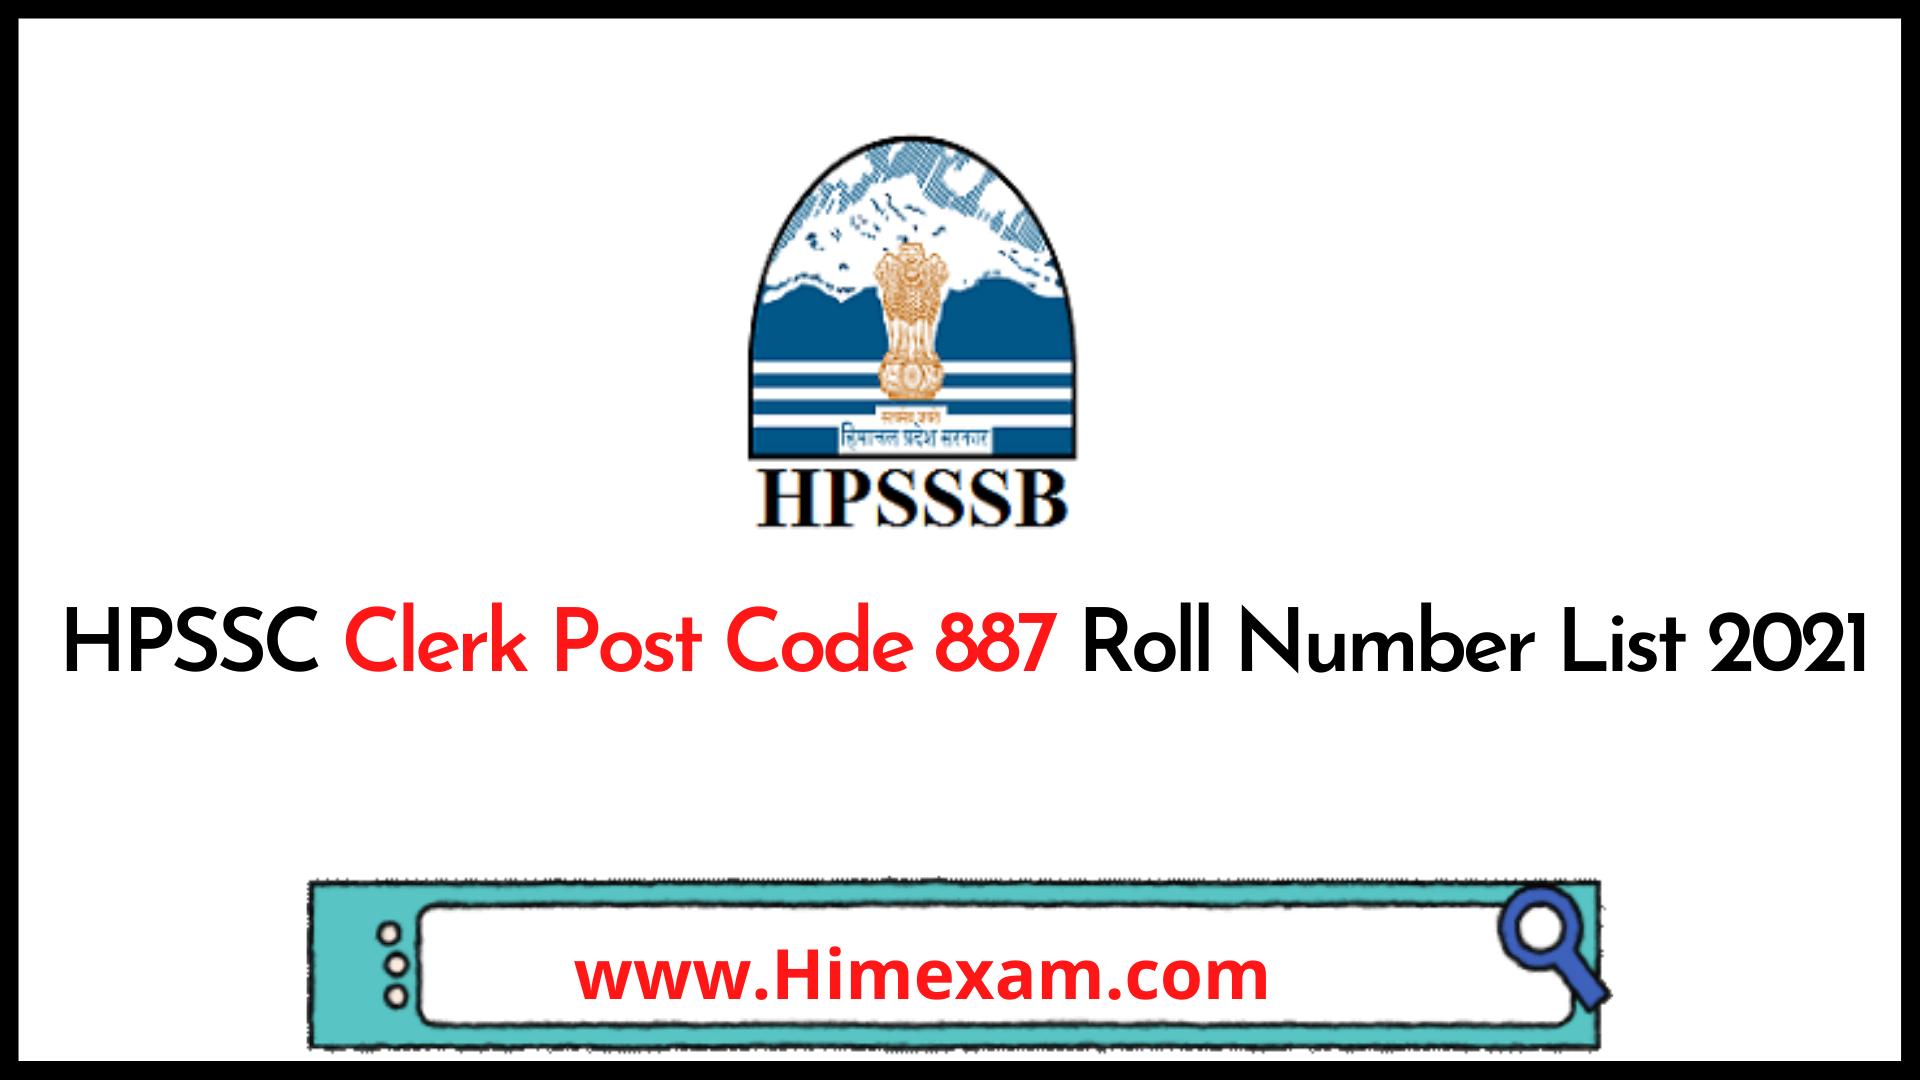 HPSSC Clerk Post Code 887 Roll Number List 2021